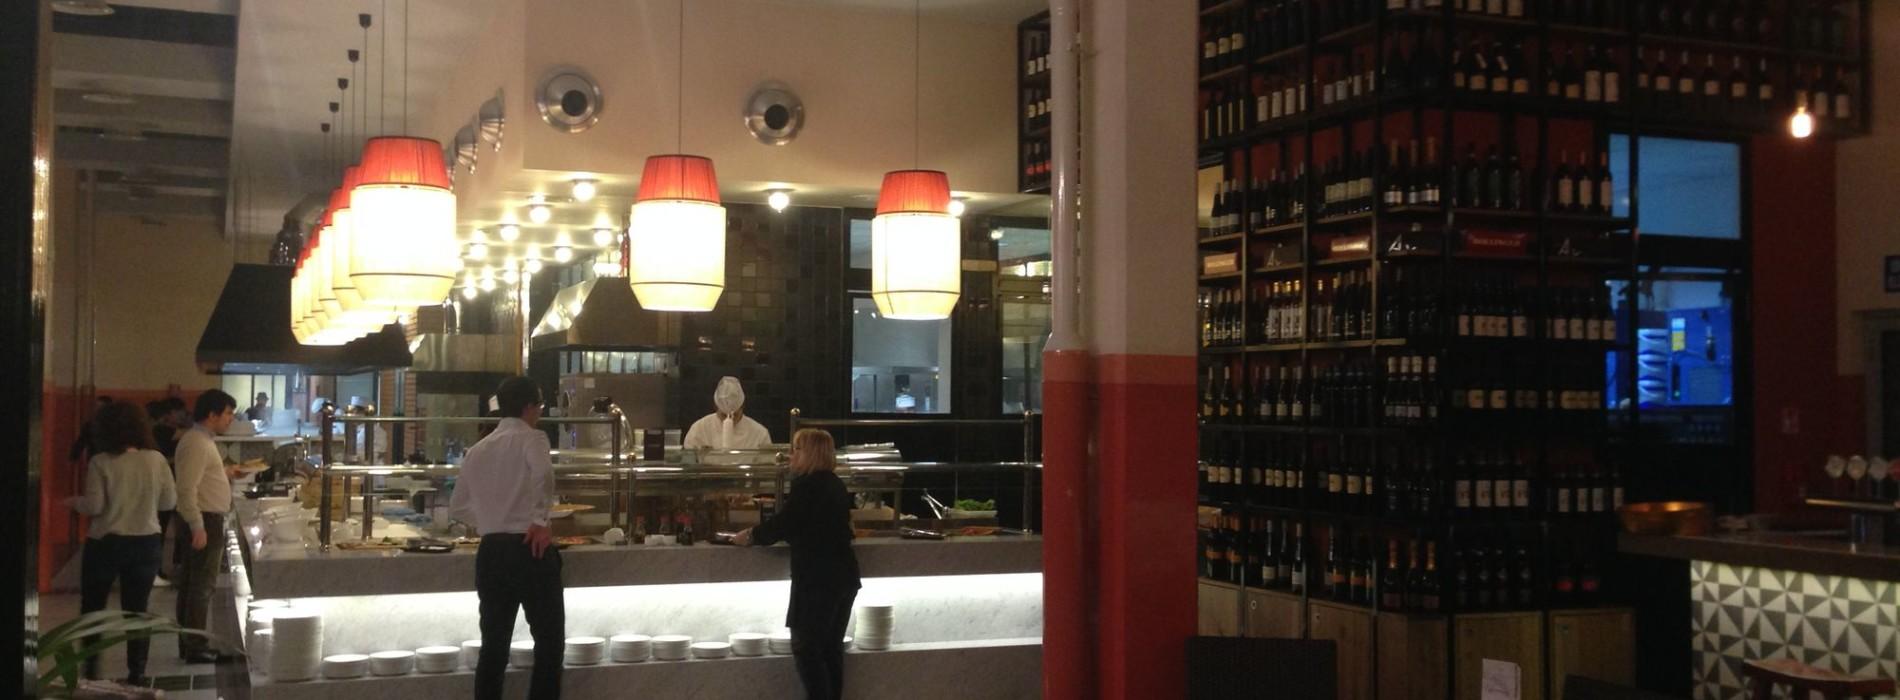 La Dogana Food a Roma, stroncarlo è un gesto di snobismo o un atto doveroso?